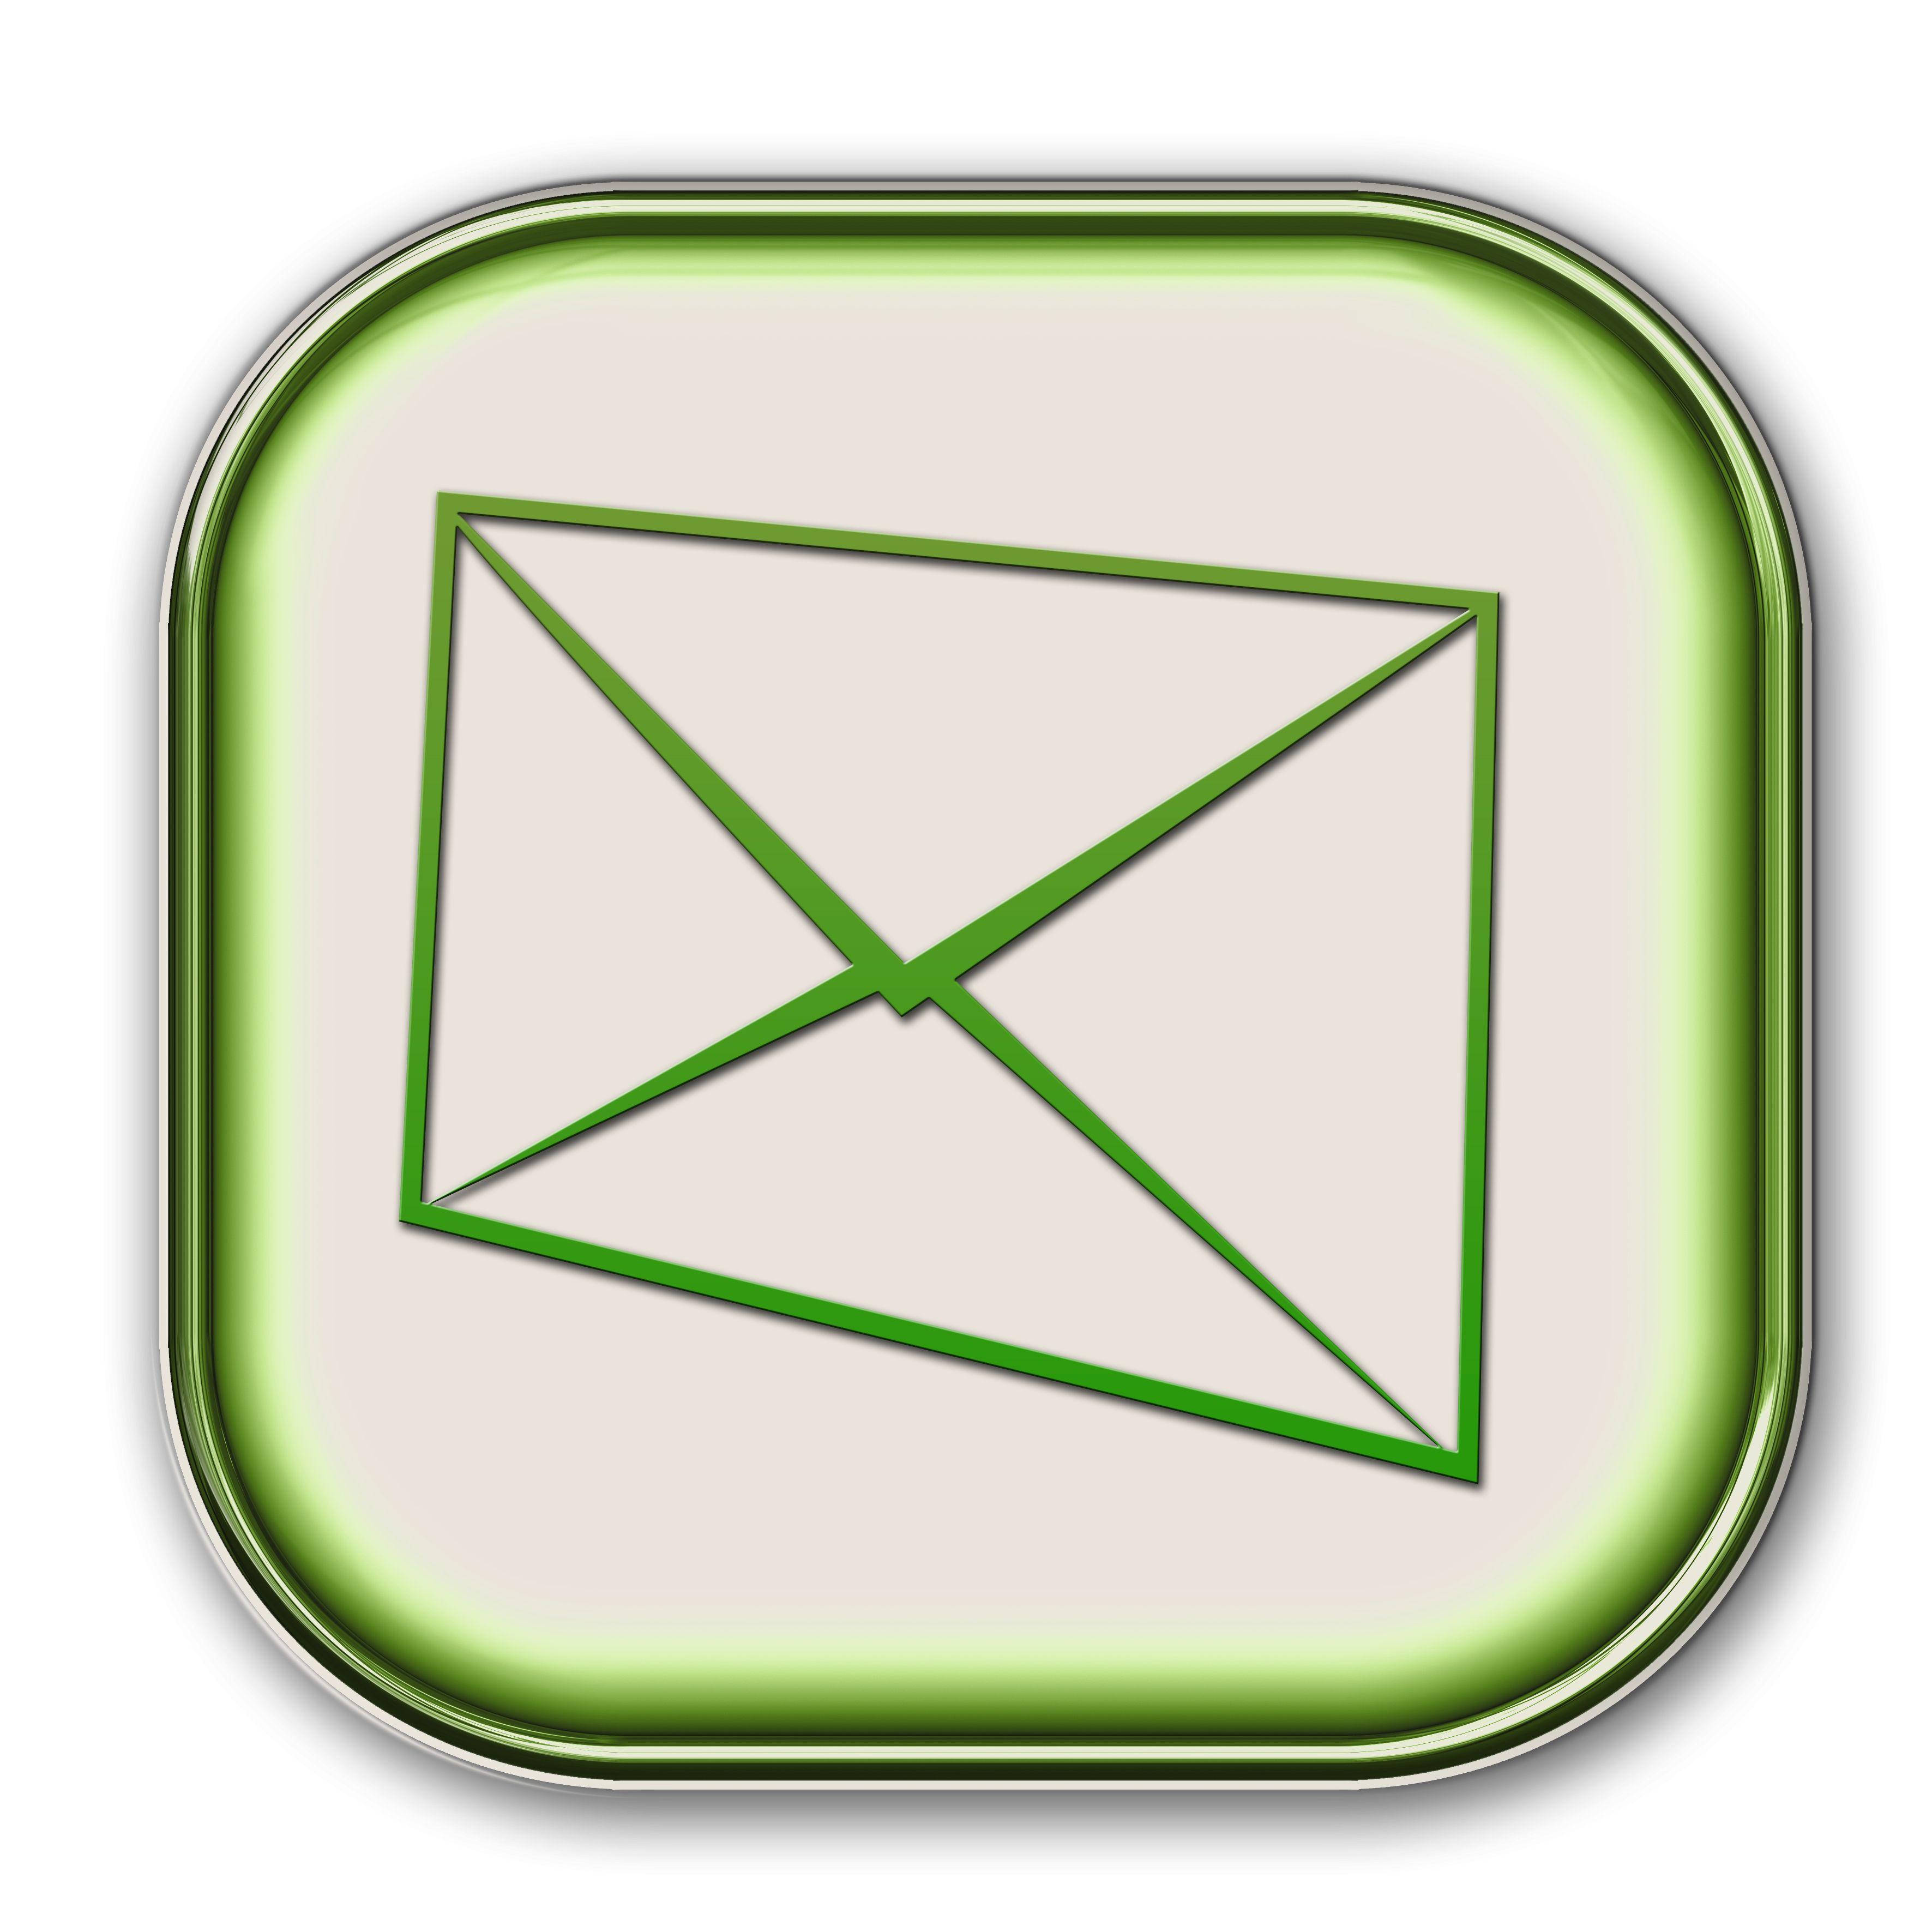 Report: Immer mehr E-Mails werden mobil gelesen